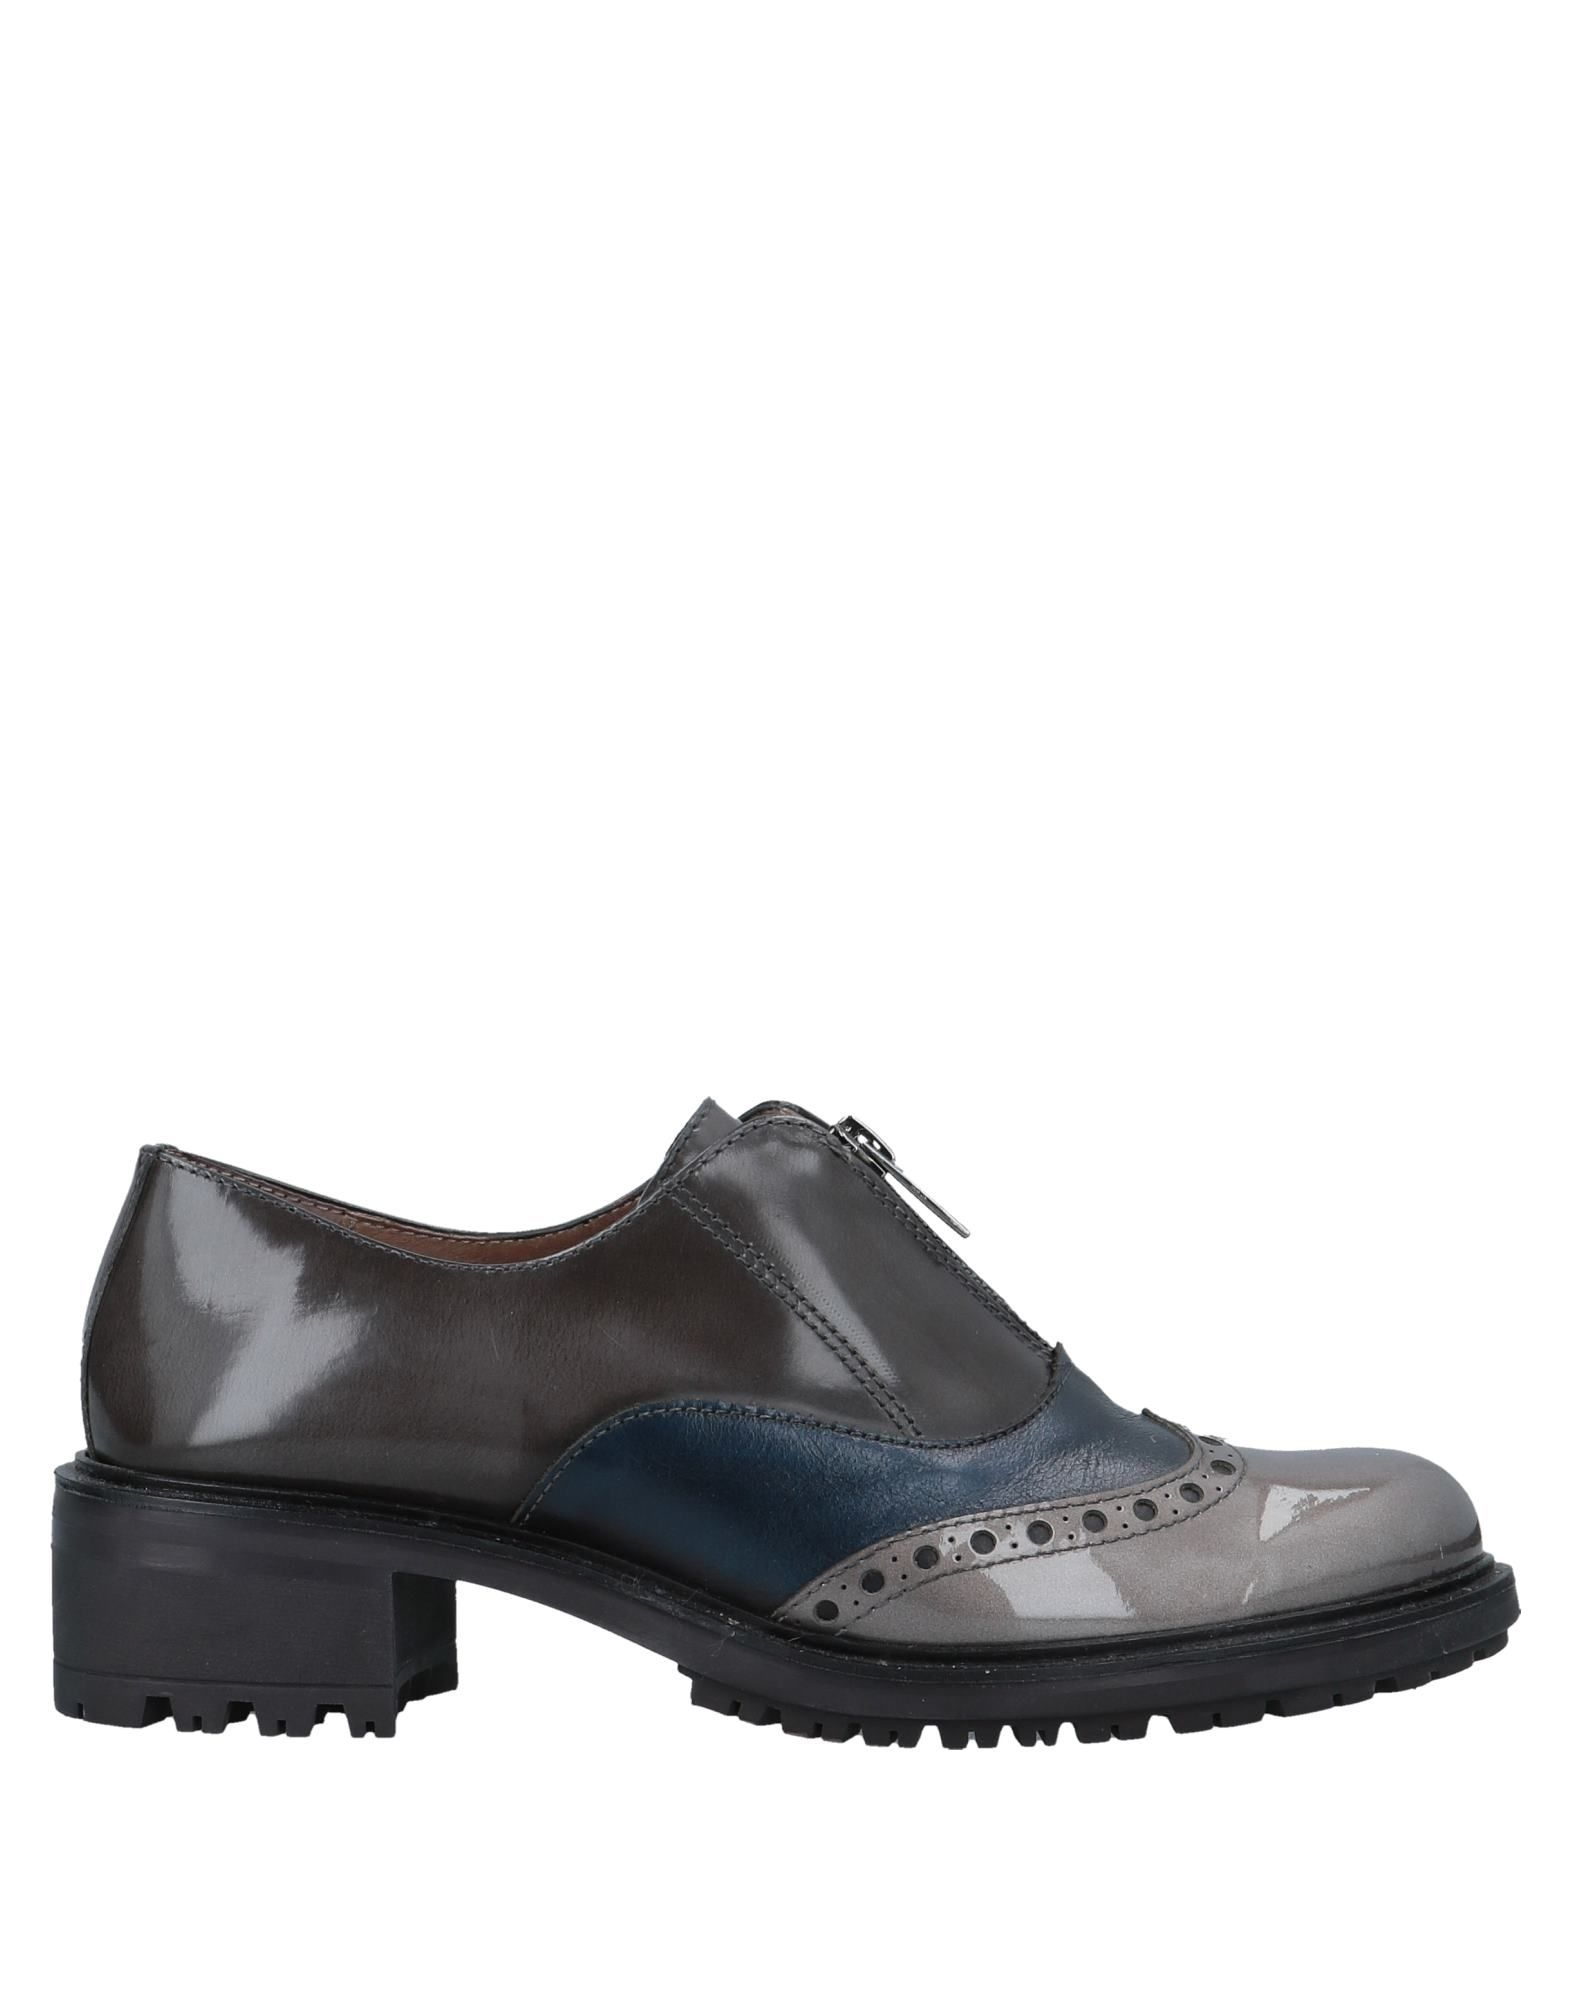 aa0bae8c1b Wonders - Κορυφαία προϊόντα για Γυναικεία Παπούτσια - Yoox